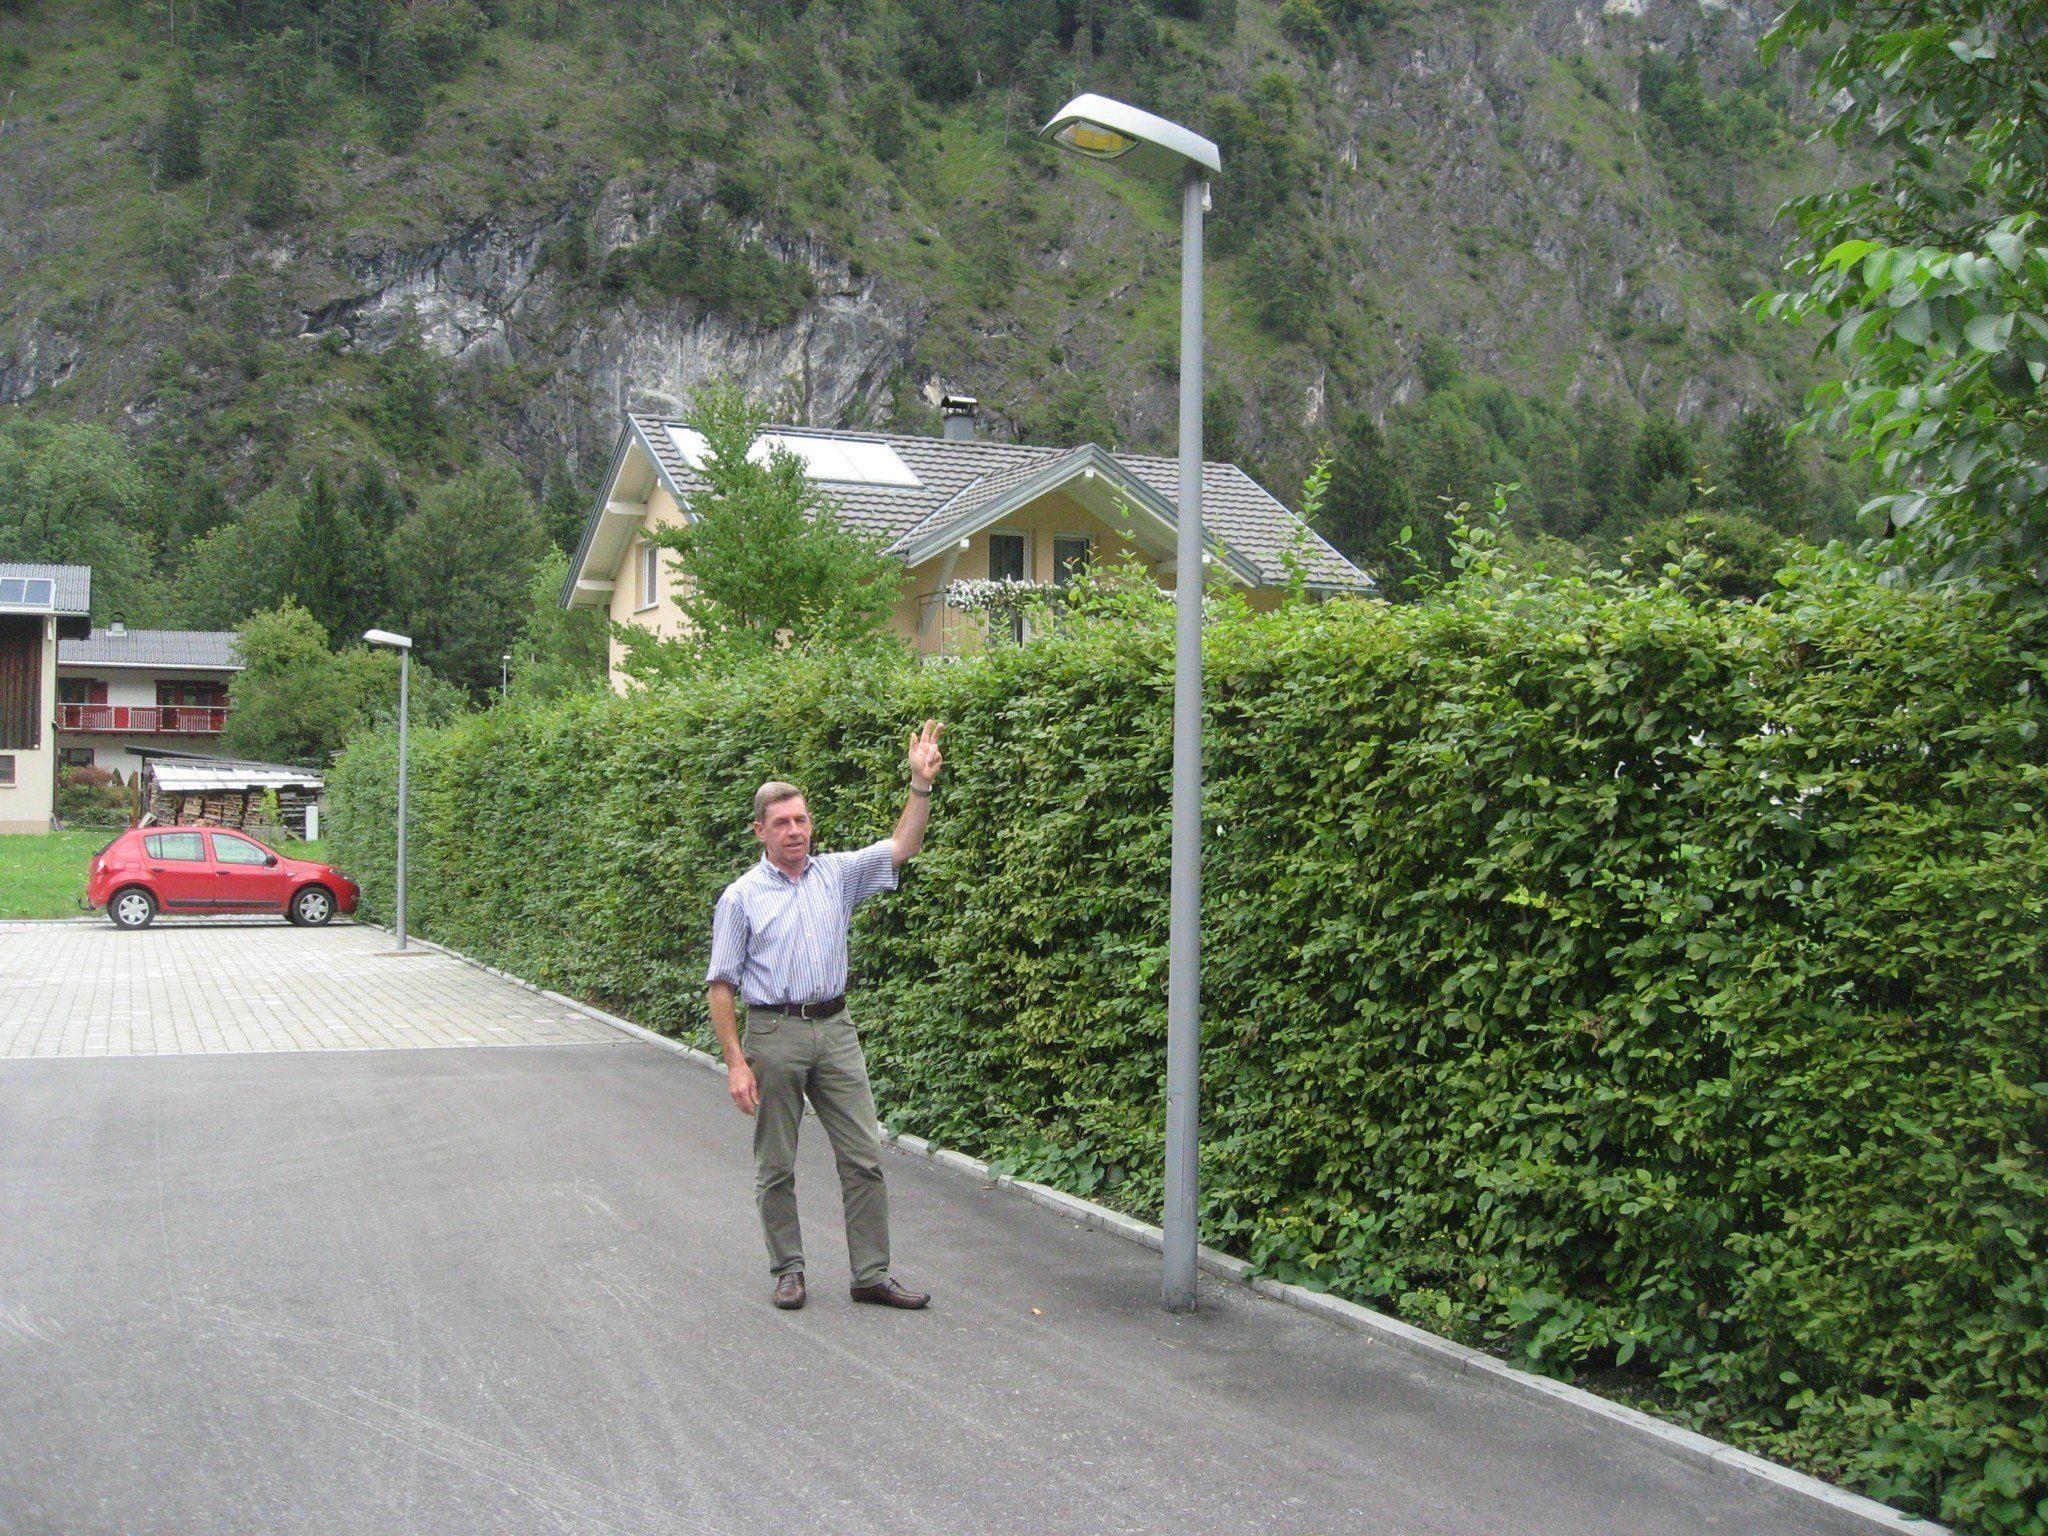 Bgm. Lothar Ladner setzt auf die modernen LED Leuchtkörper